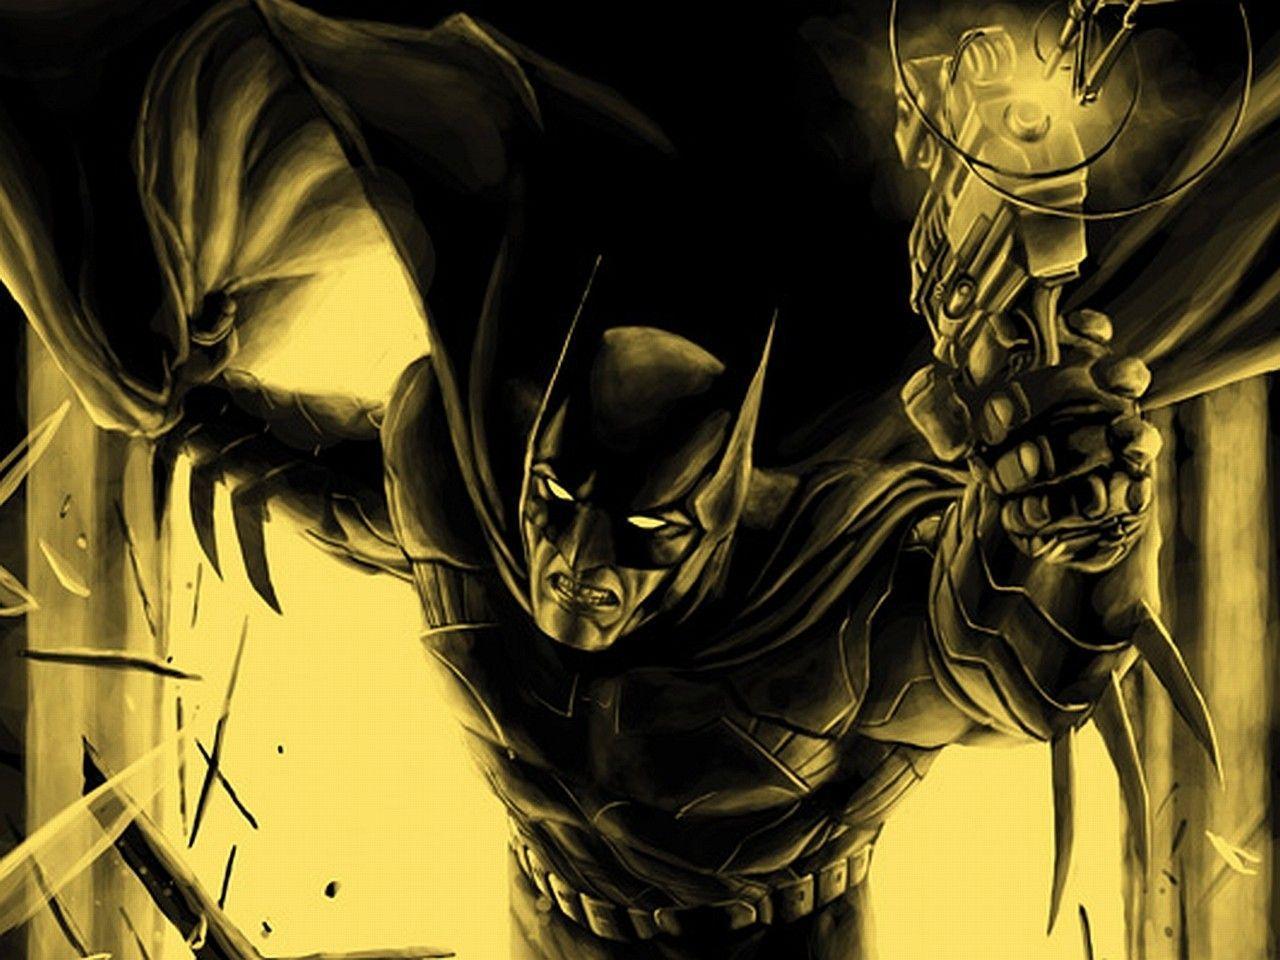 wallpaper comics batman - photo #35